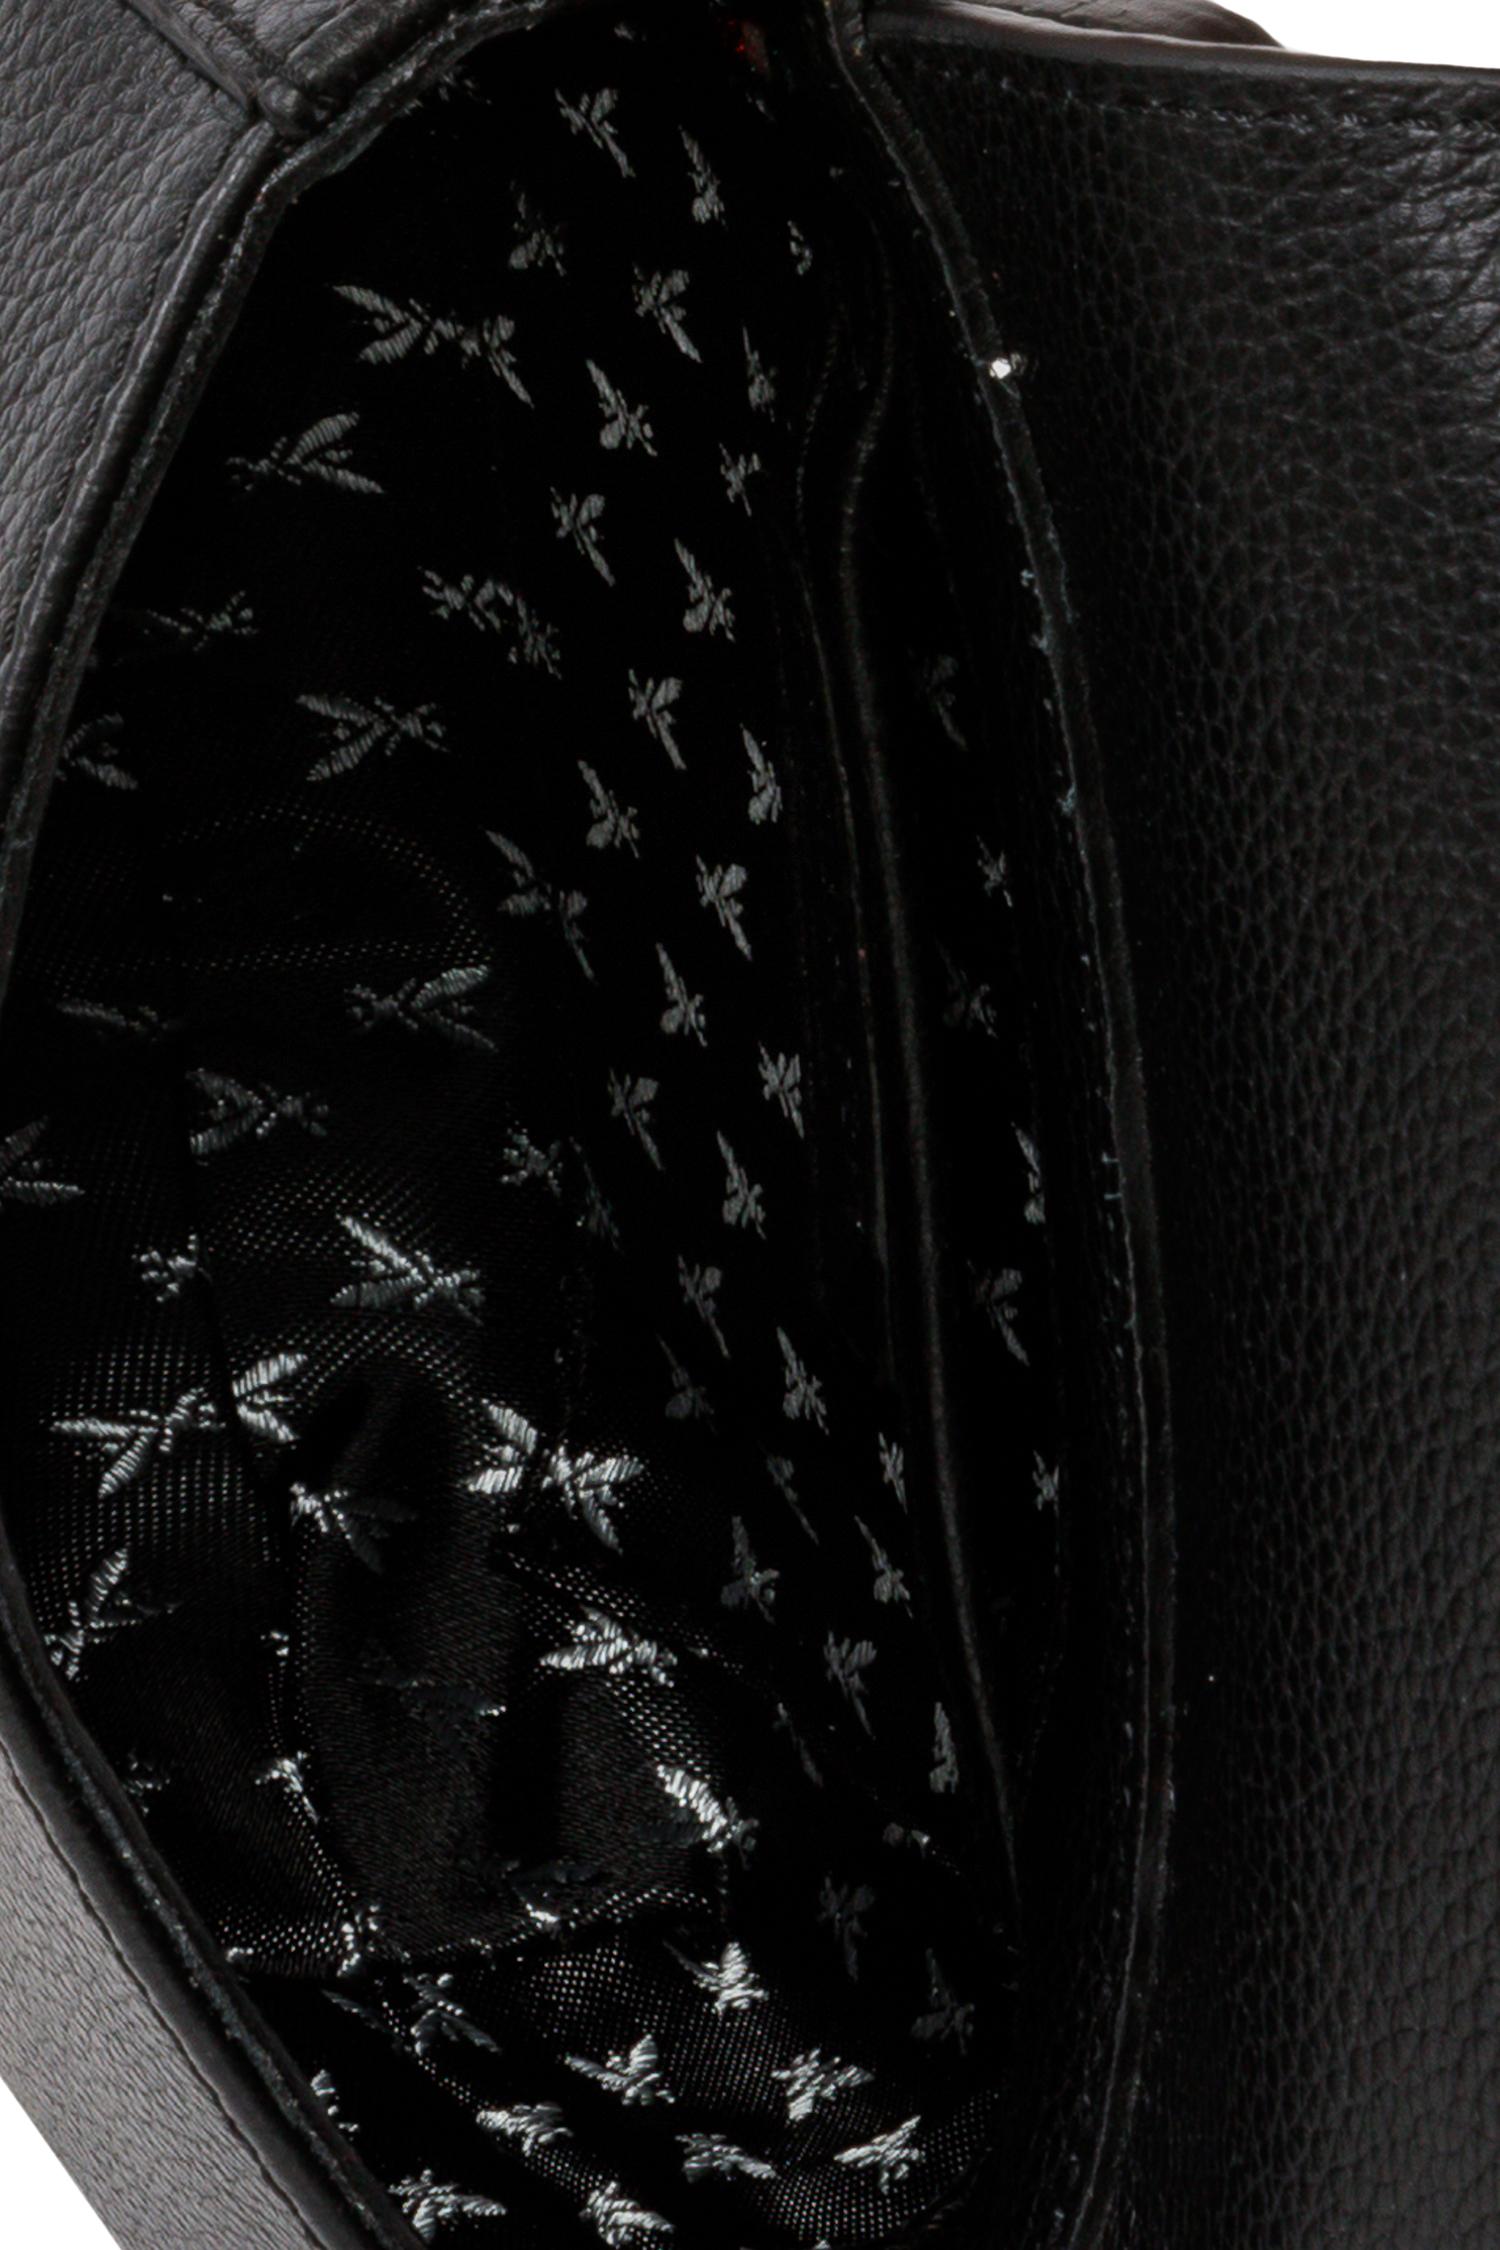 Patrizia Pepe Mini-Tasche aus Leder | Gutes Design  | | | Vollständige Spezifikation  | Neues Design  8ee465